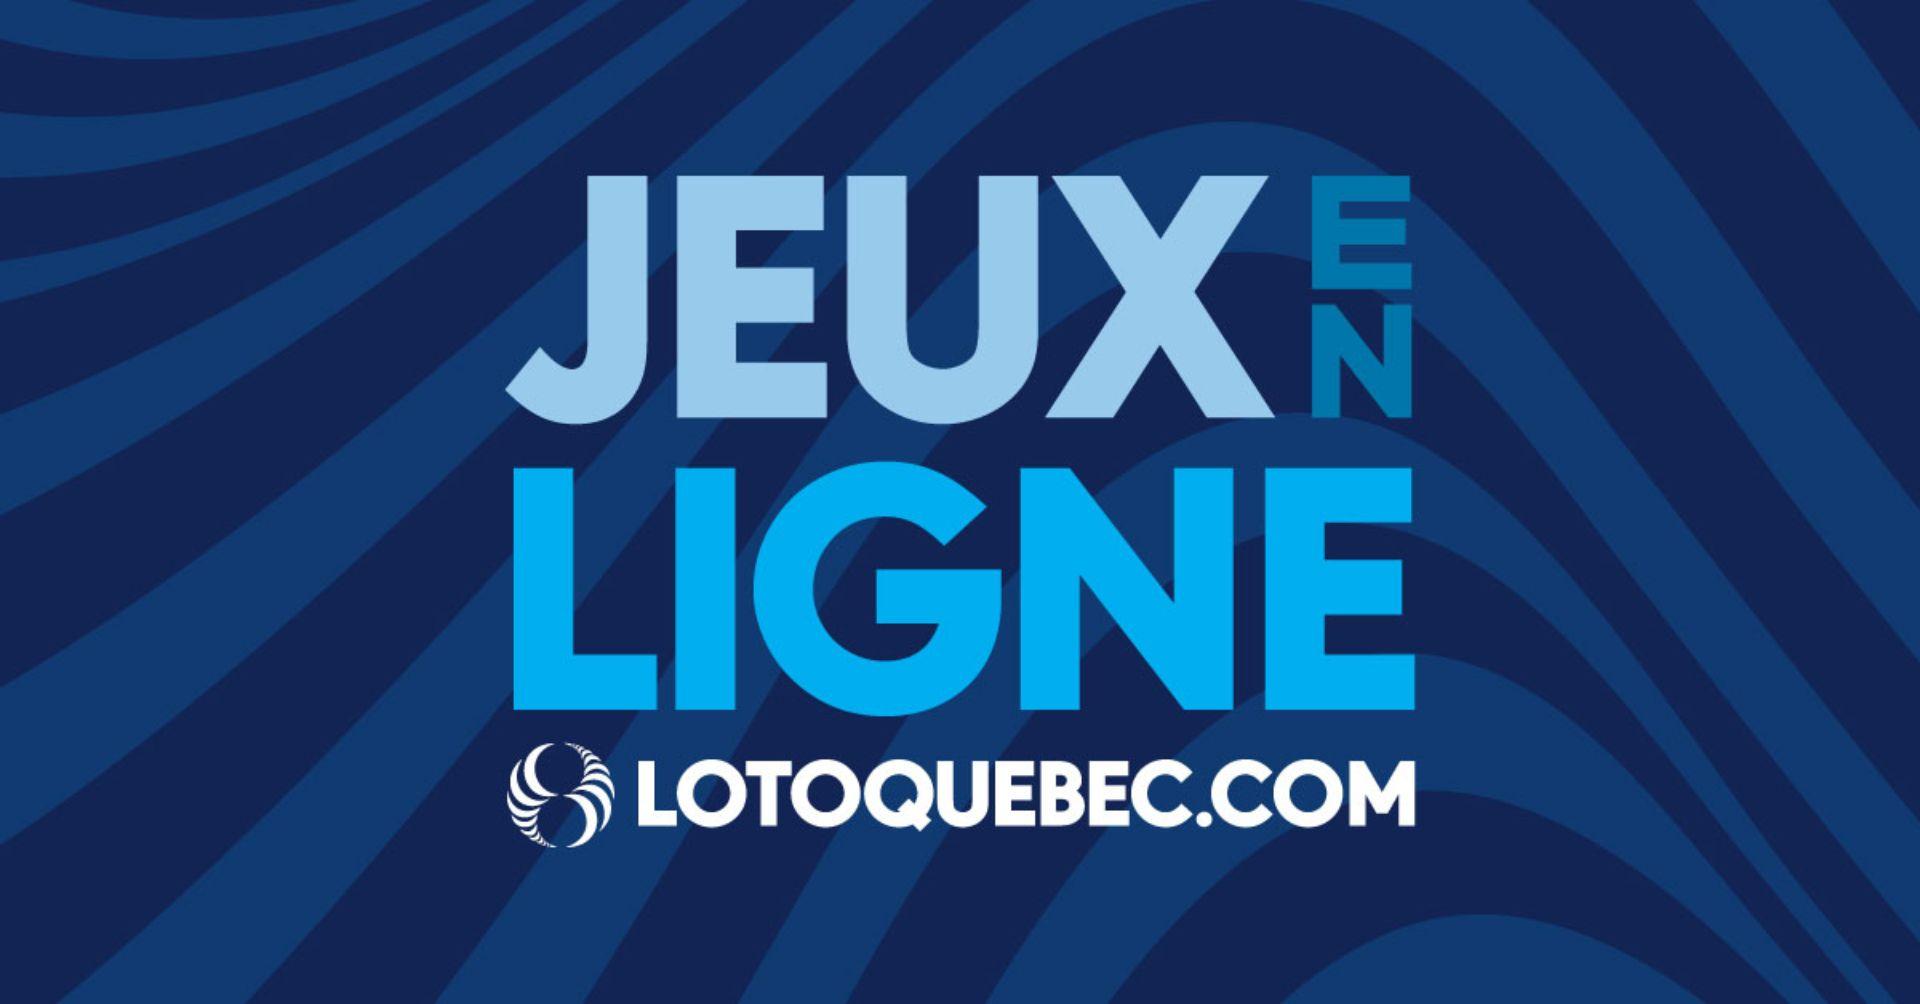 Jeux En Ligne - Loto-Québec dedans Jeux En Ligne 2 Ans